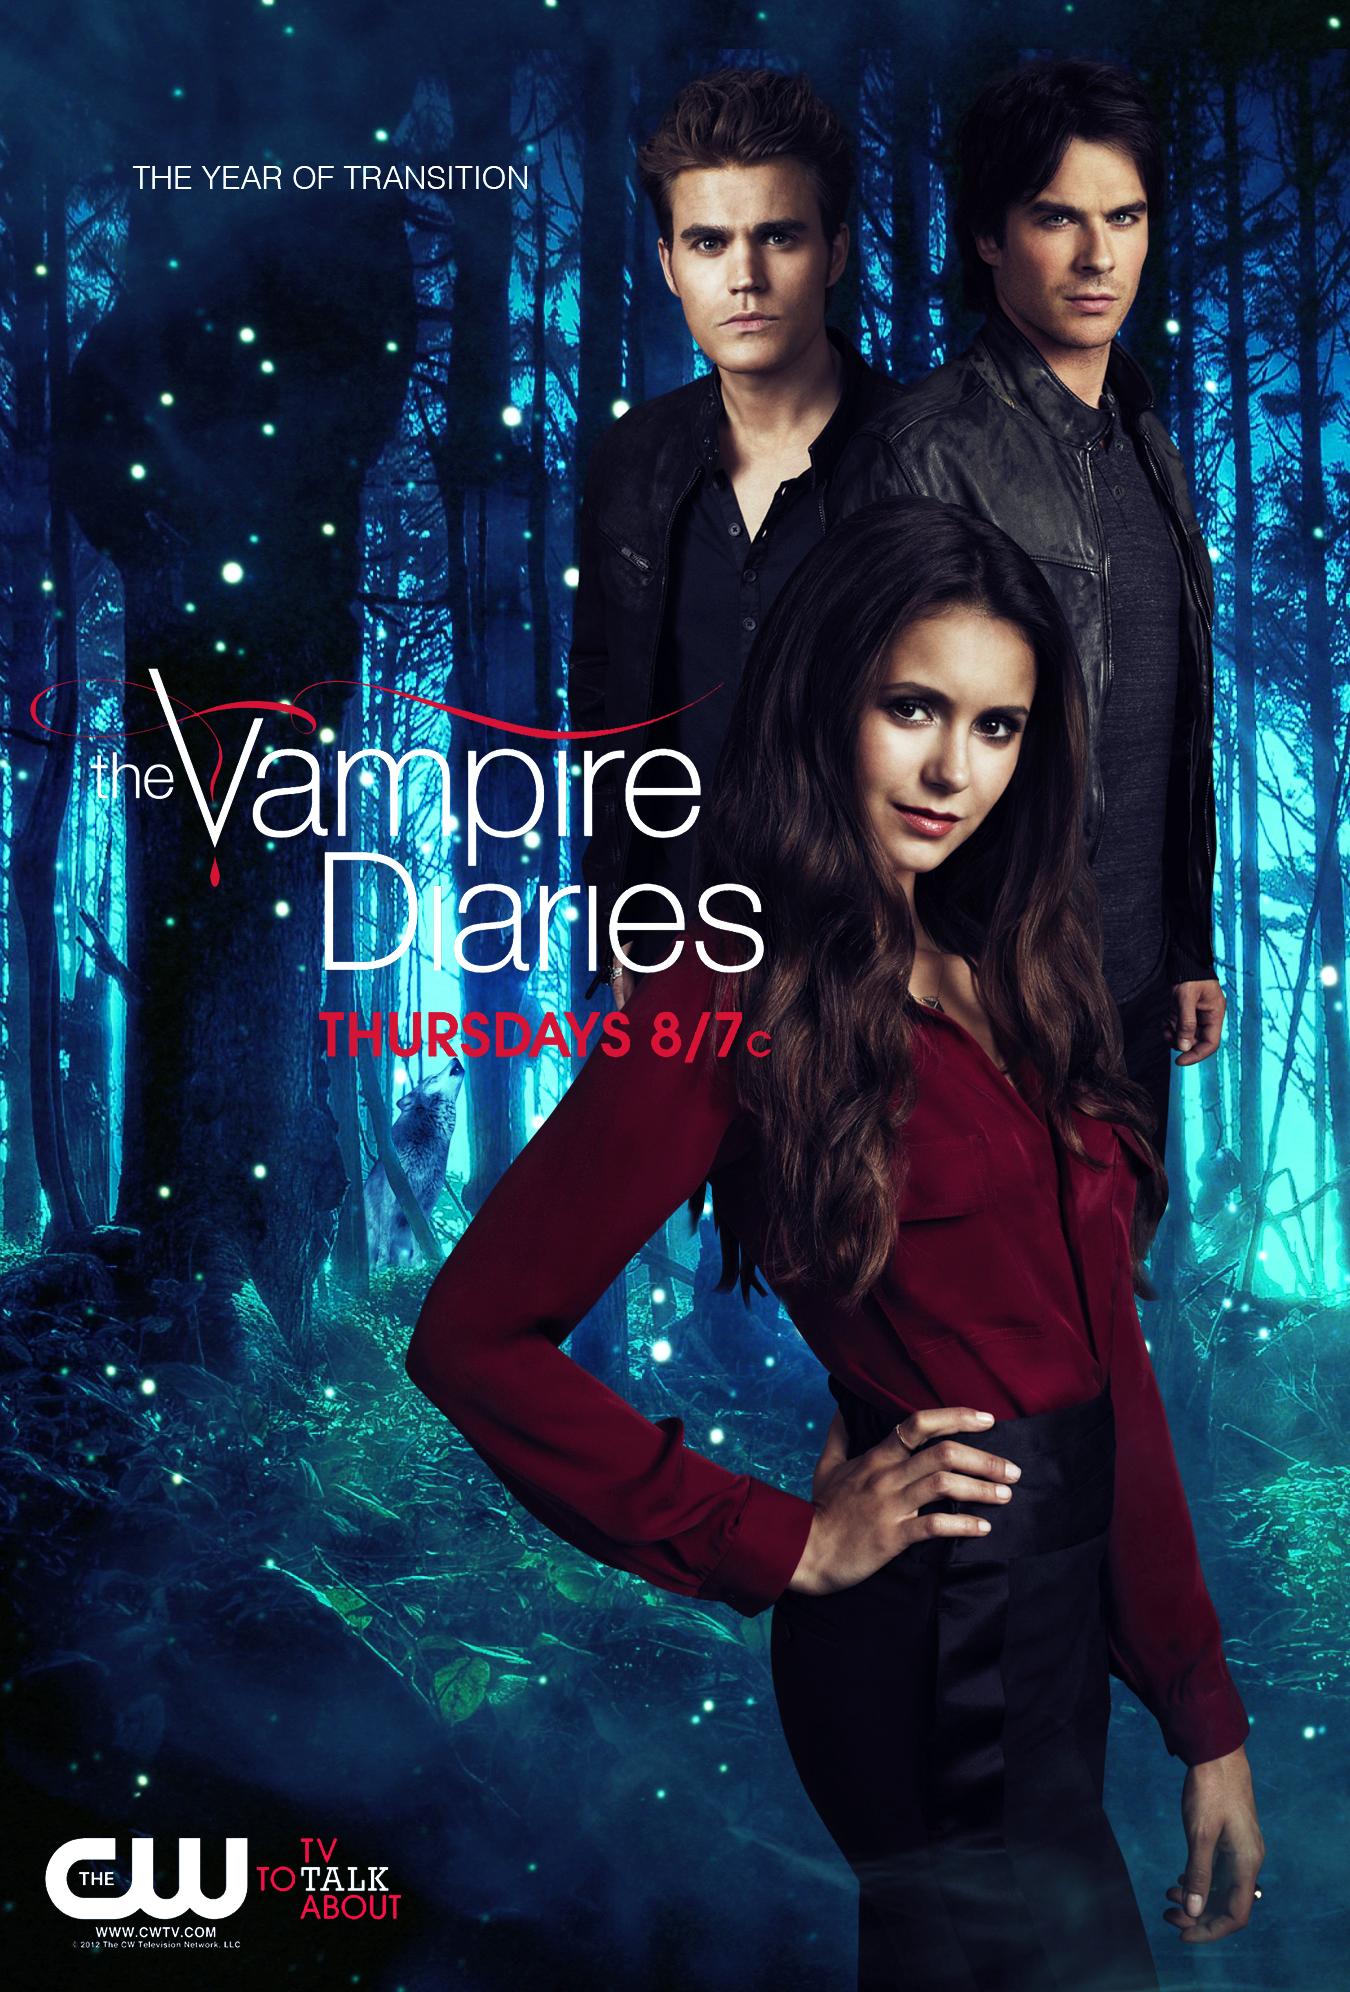 ვამპირის დღიურები სეზონი 7 (ქართულად) / The Vampire Diaries Season 7 / seriali vampiris dgiurebi sezoni 7 (qartulad)